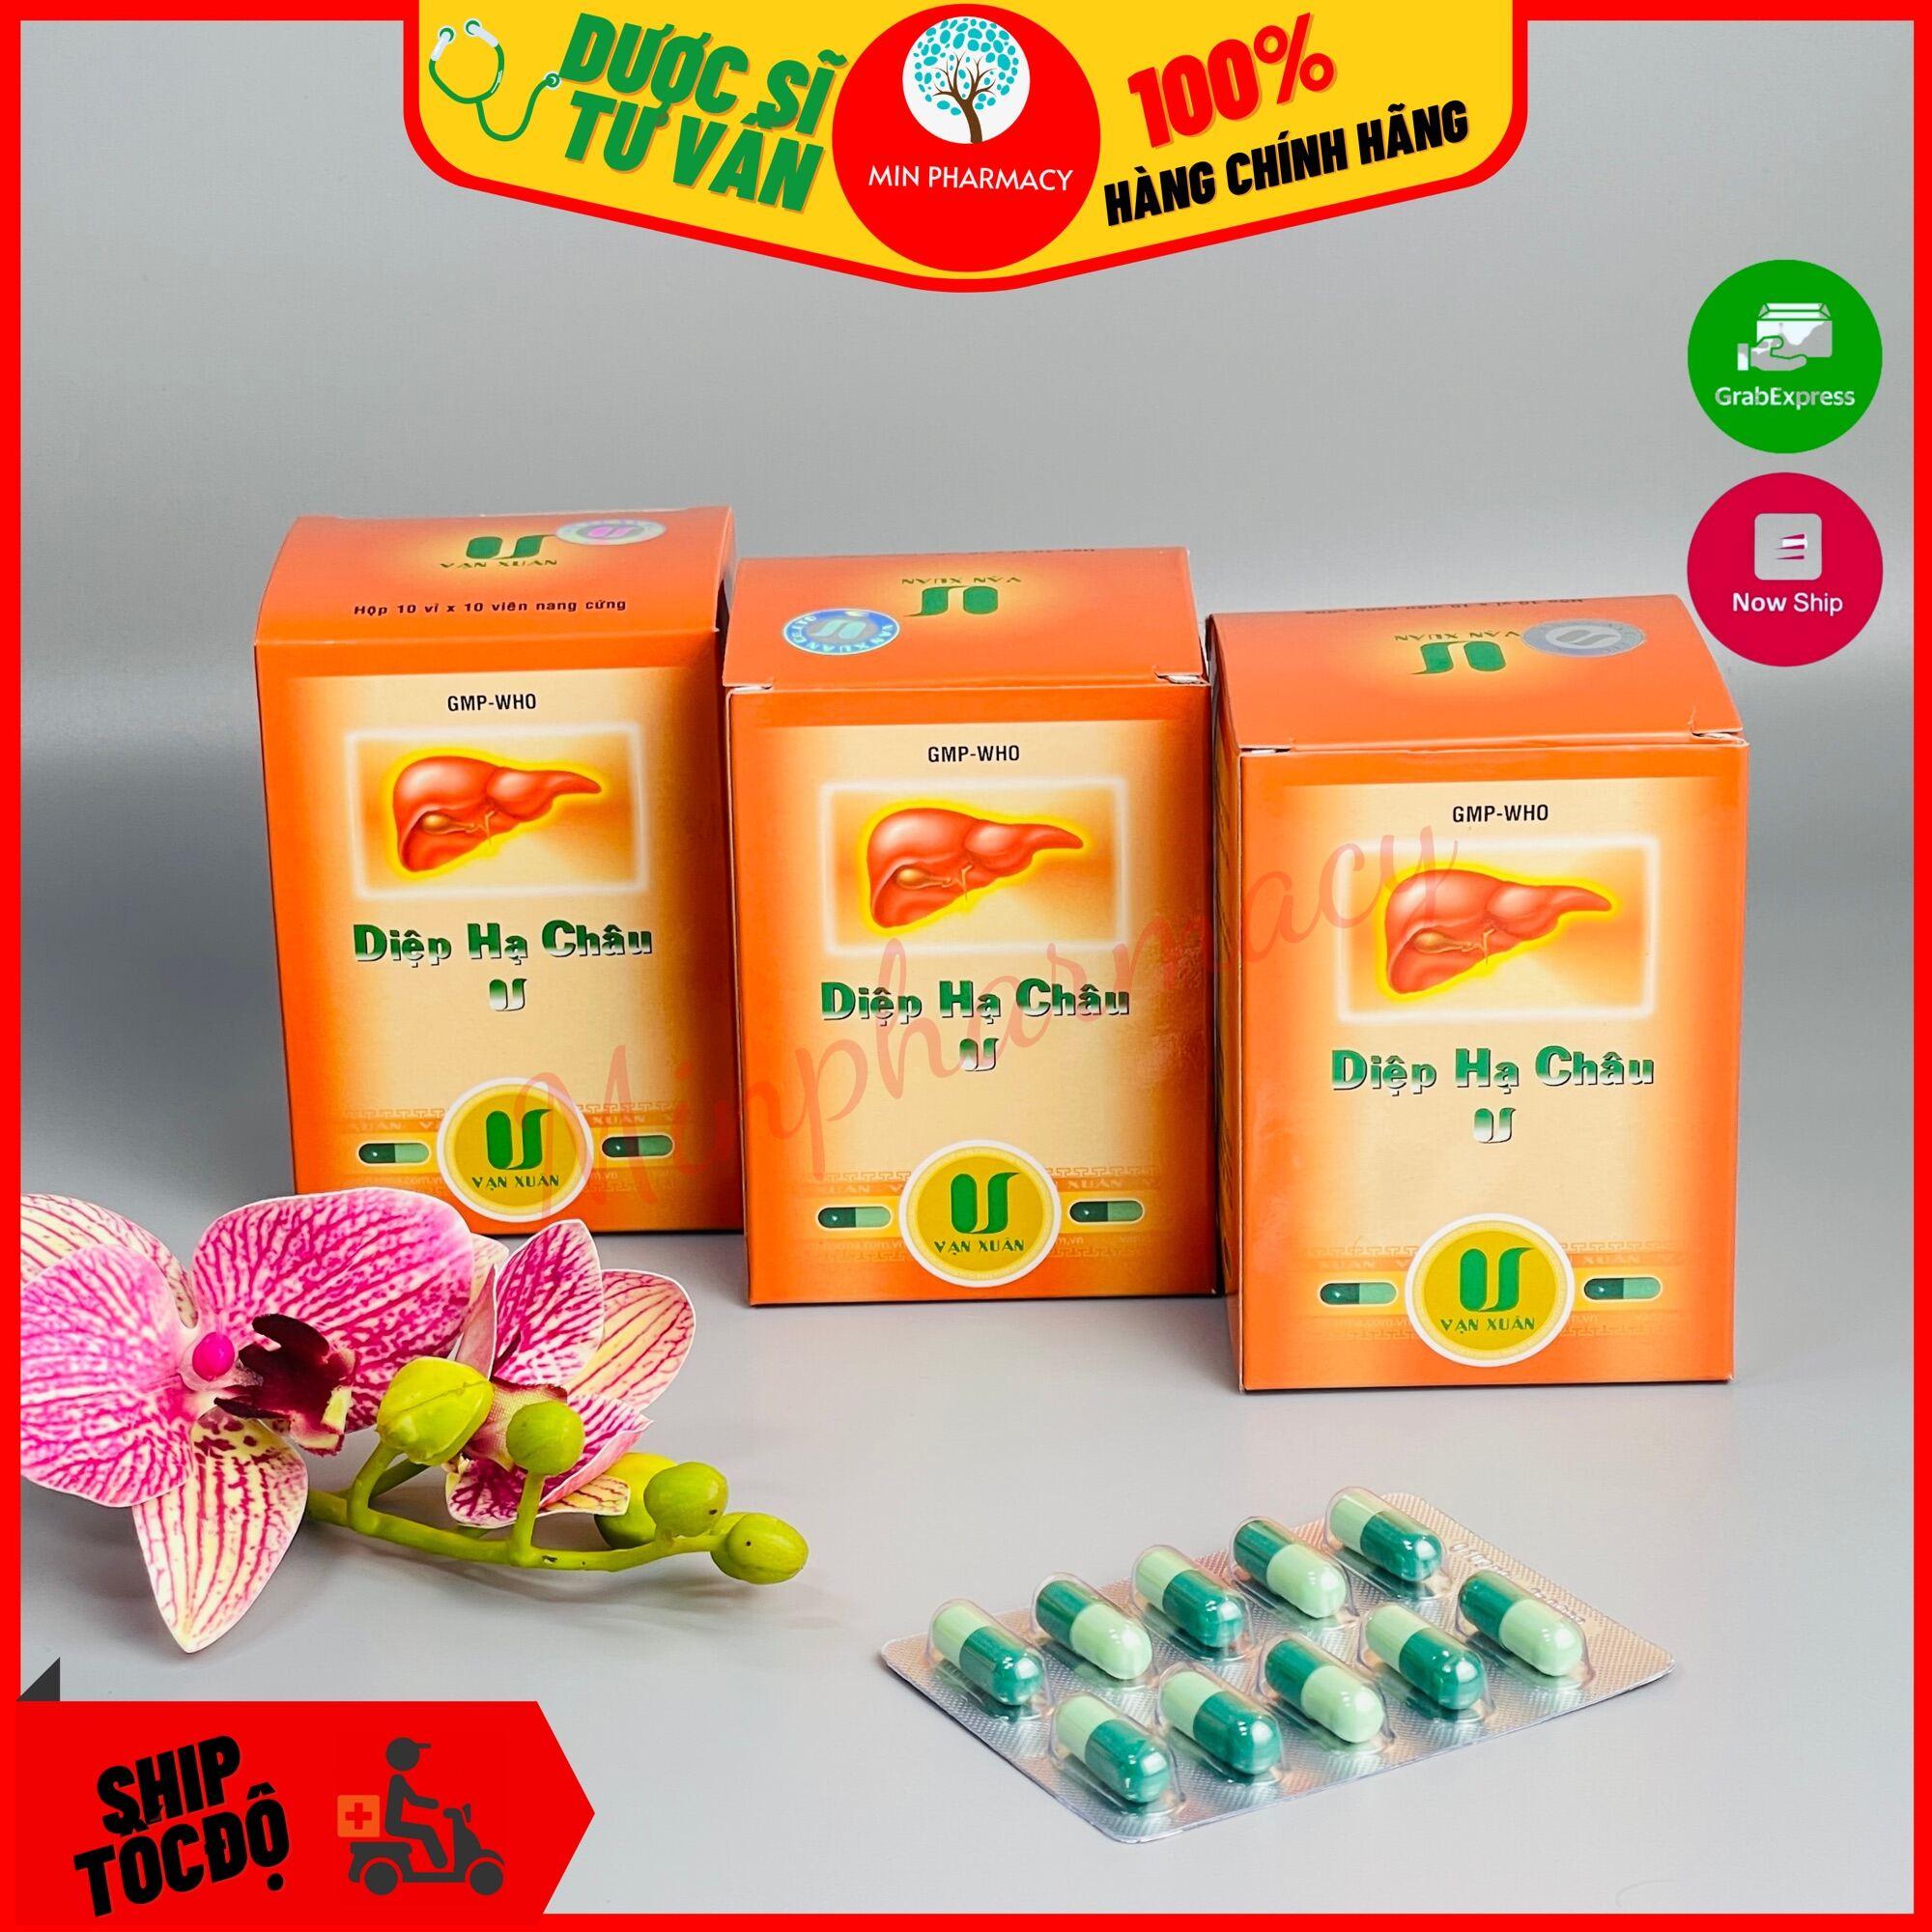 Viên Uống Diệp Hạ Châu VẠN XUÂN Giải độc Mát gan Hộp 100 viên - Minpharmacy thumbnail